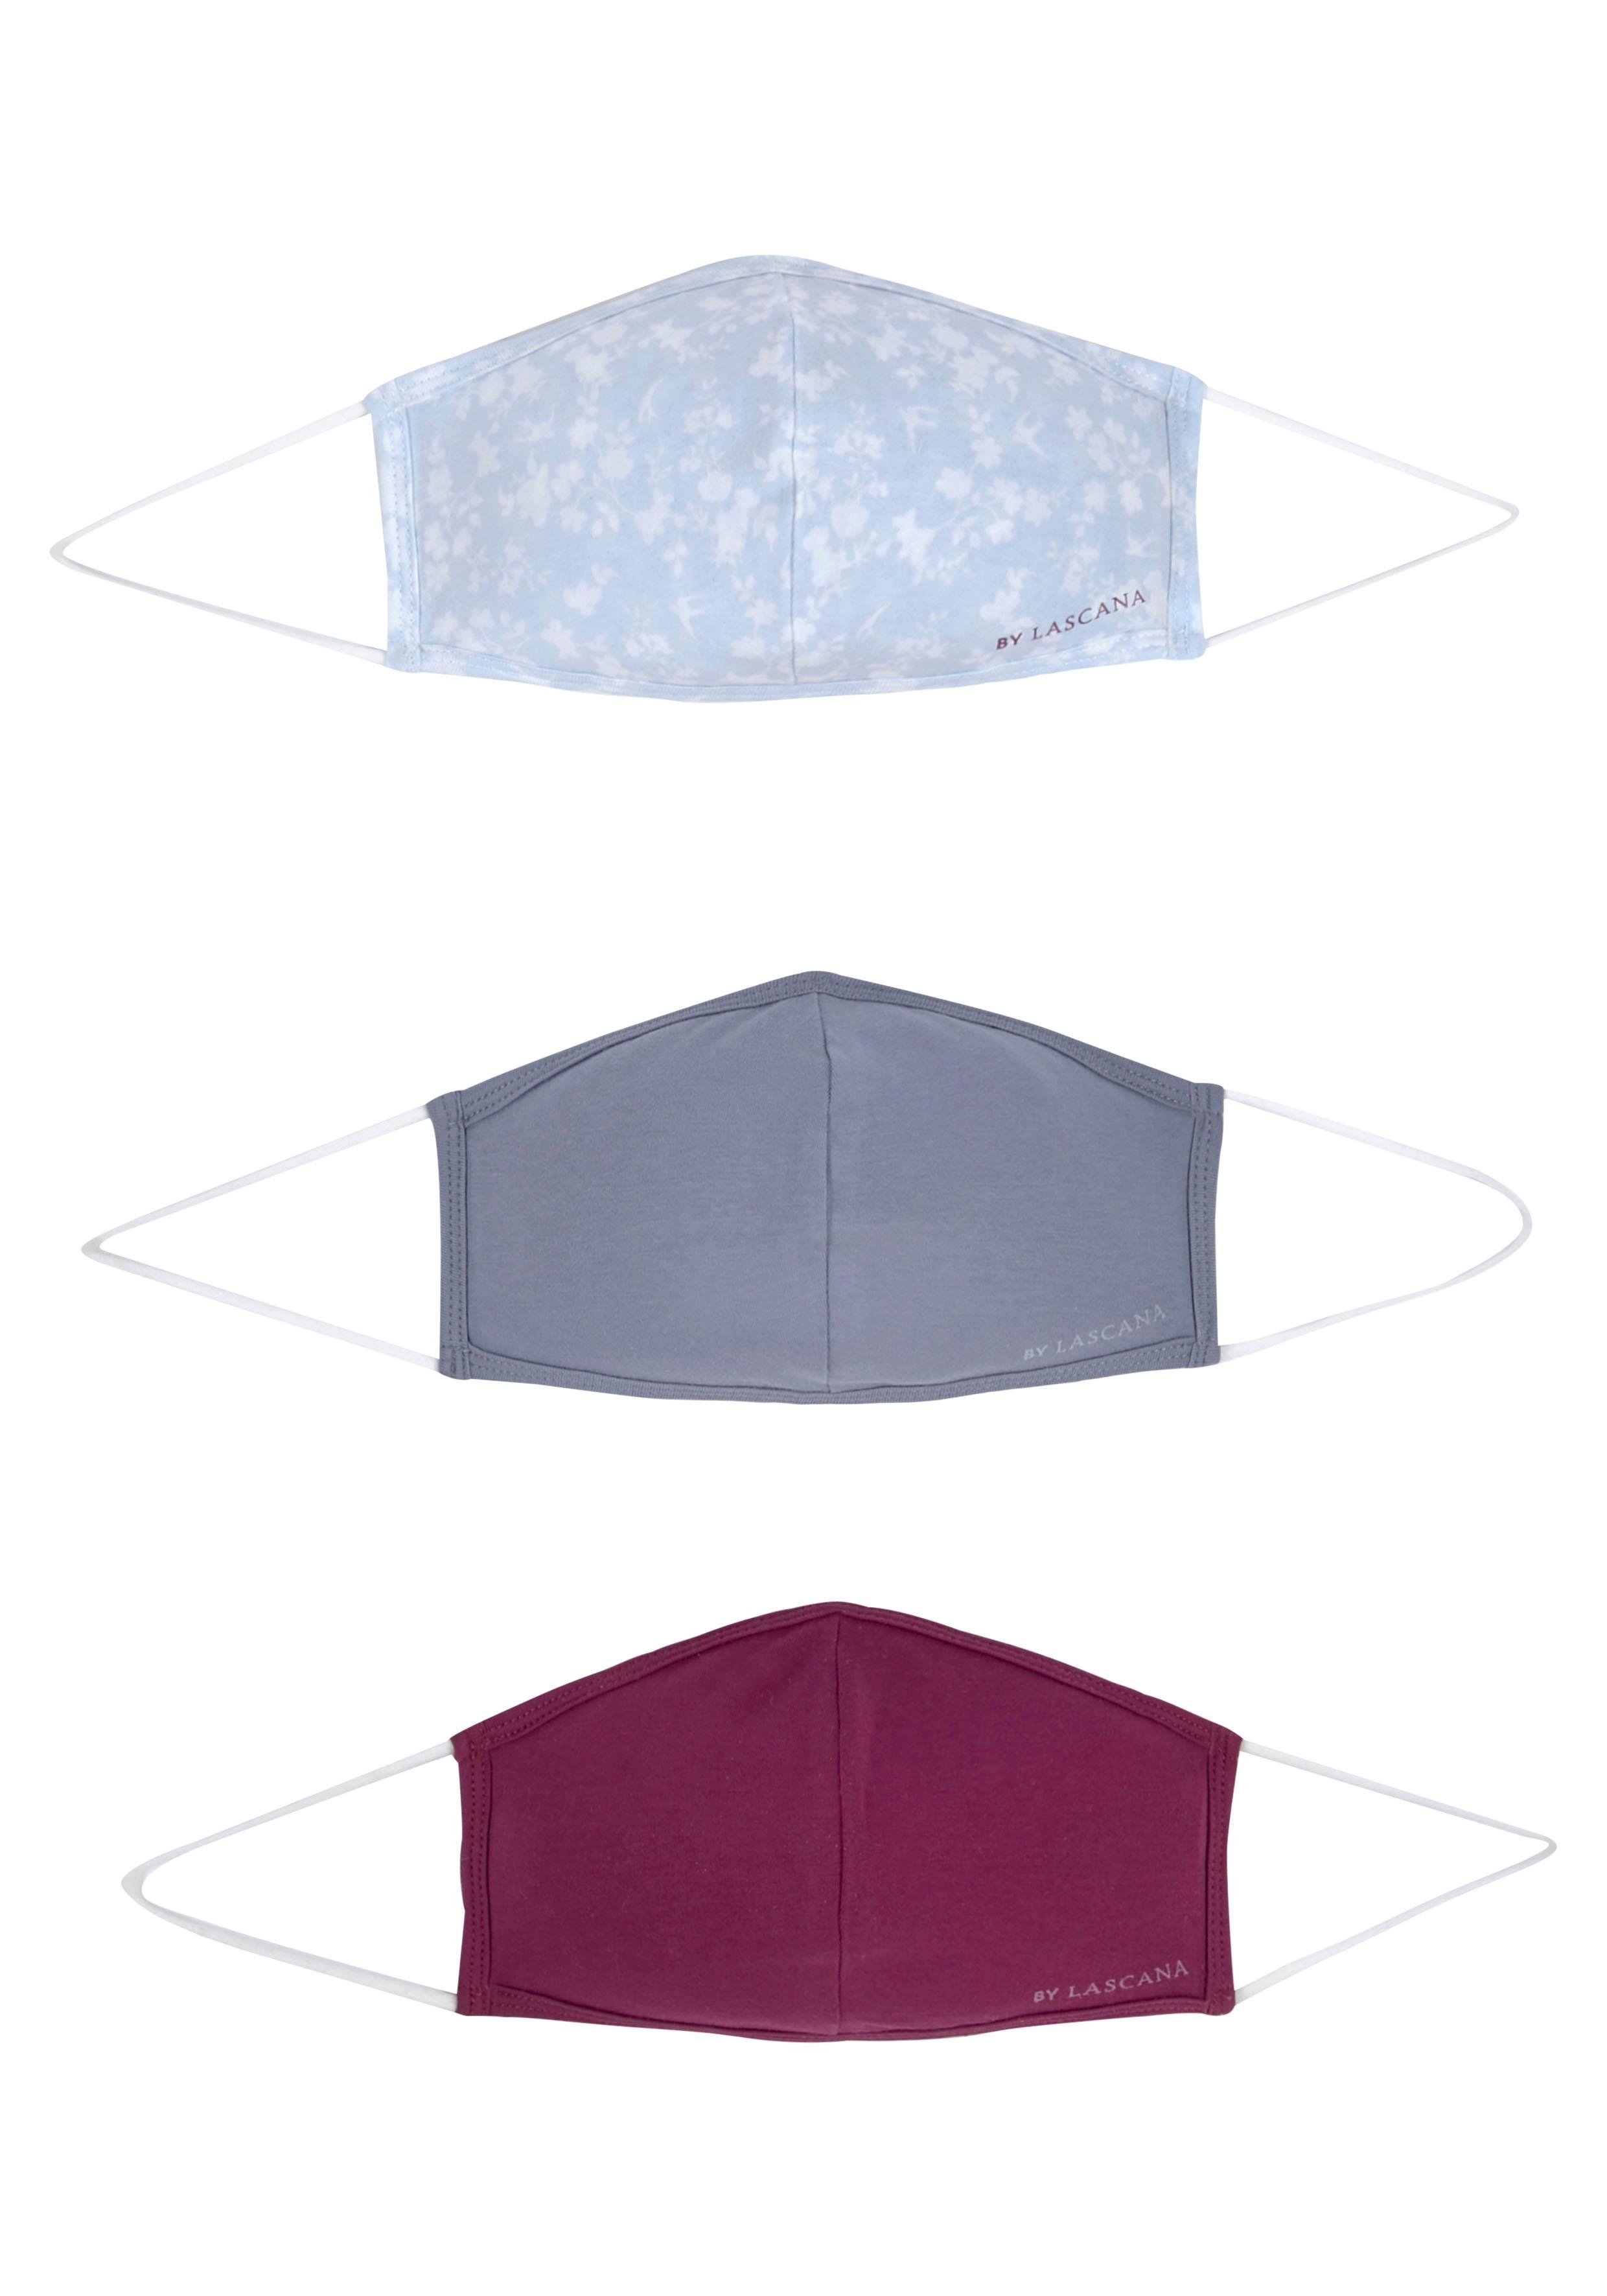 LASCANA Community-Masken (Packung, 3-teilig)